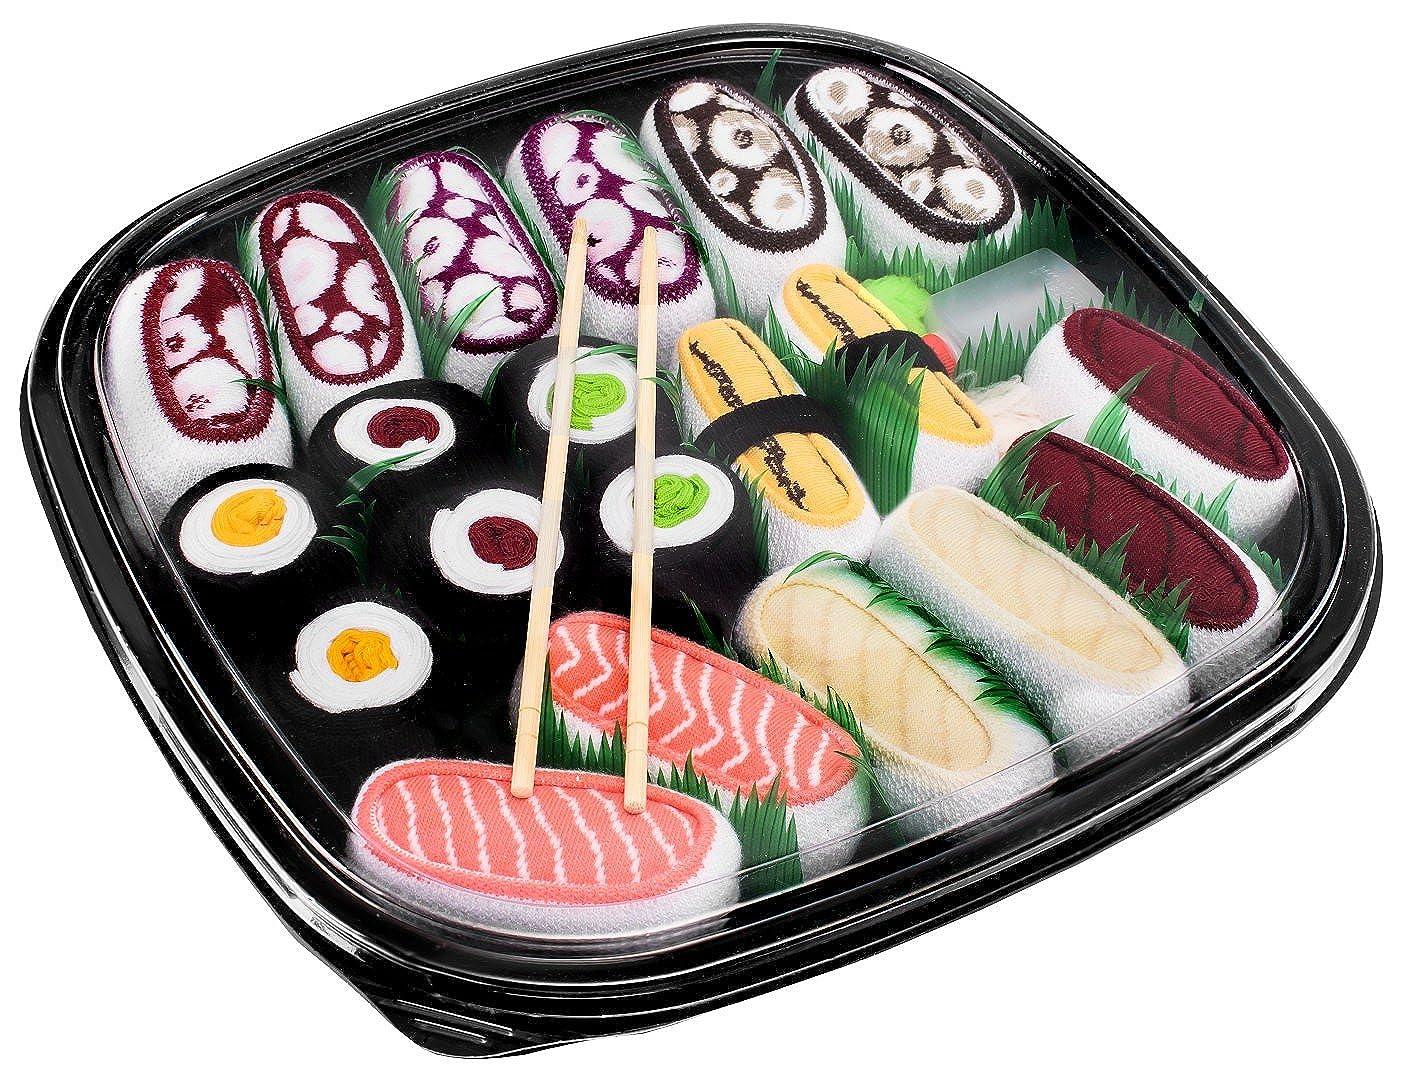 Sushi Socks Box - 10 pares de CALCETINES: Sushi Nigiri y Maki Mix - REGALO DIVERTIDO, Algodón de alta Calidad|Tamaños 41-46, Certificado de OEKO-TEX, ...